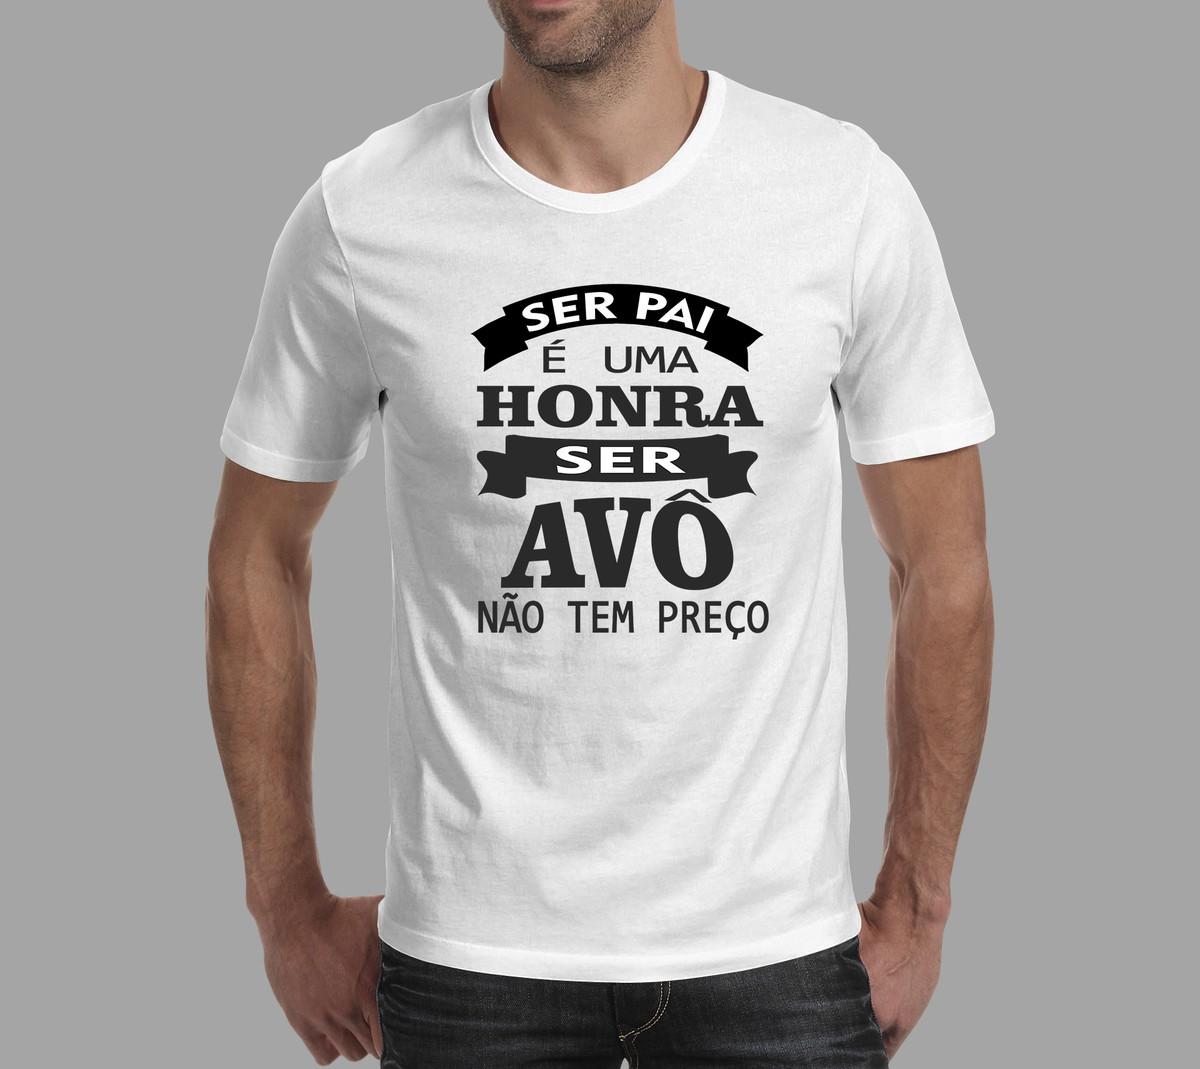 4df1bad2ad Camisa personalizada dia do avô no Elo7